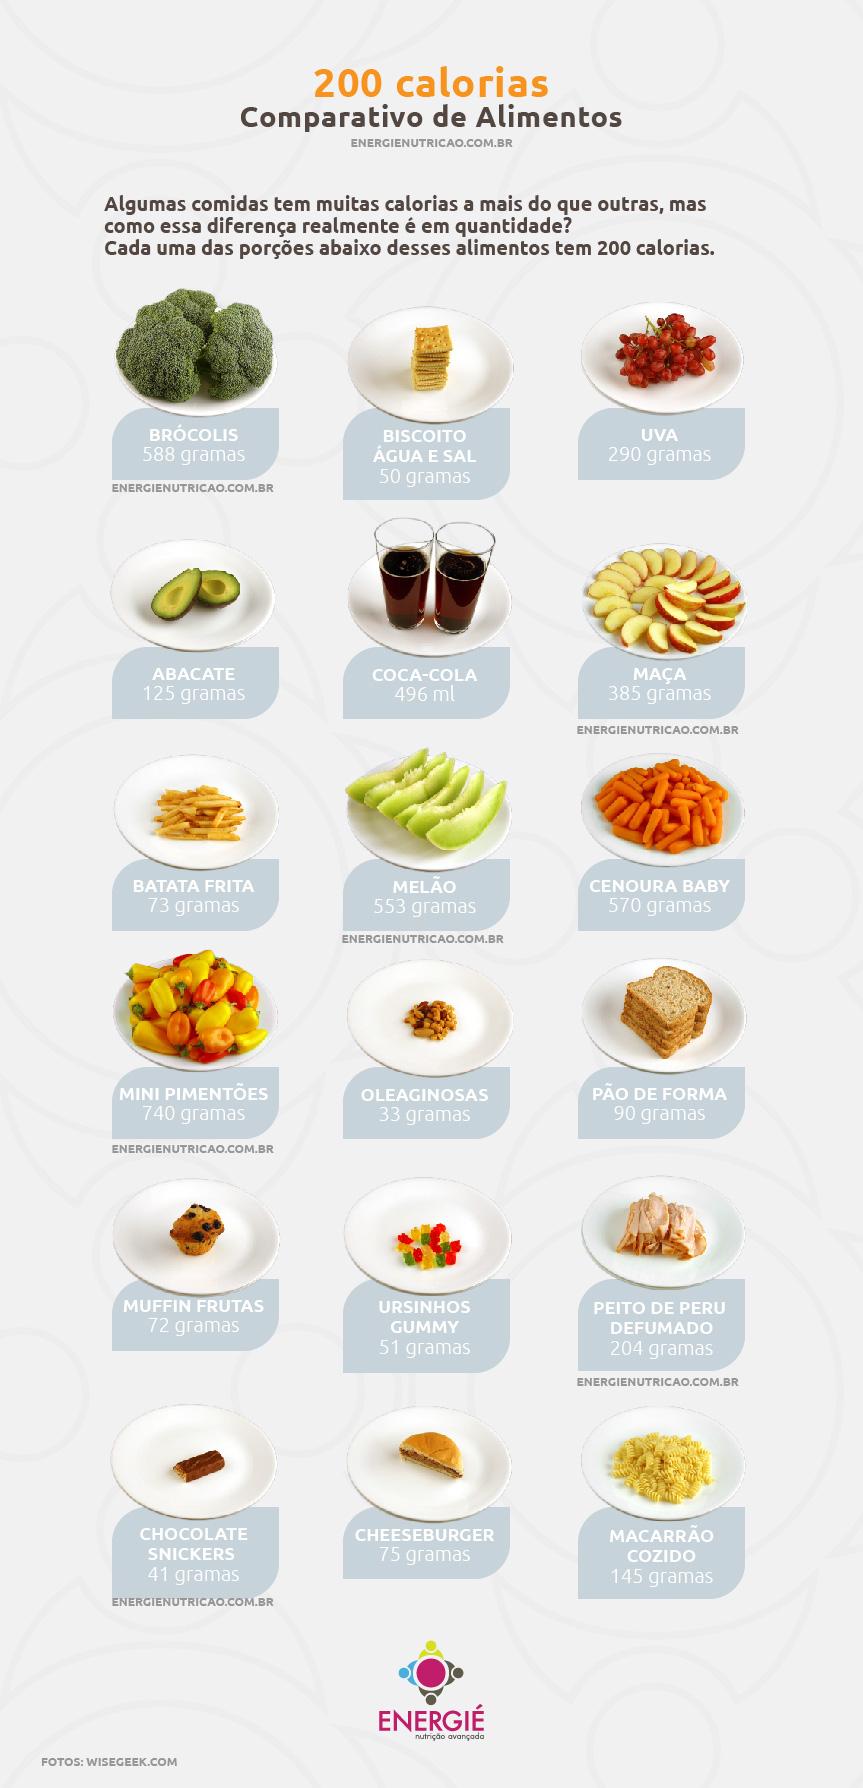 dieta desacelera o metabolismo | Comparativo de calorias nos alimentos - 200 calorias - alimentos por gramas